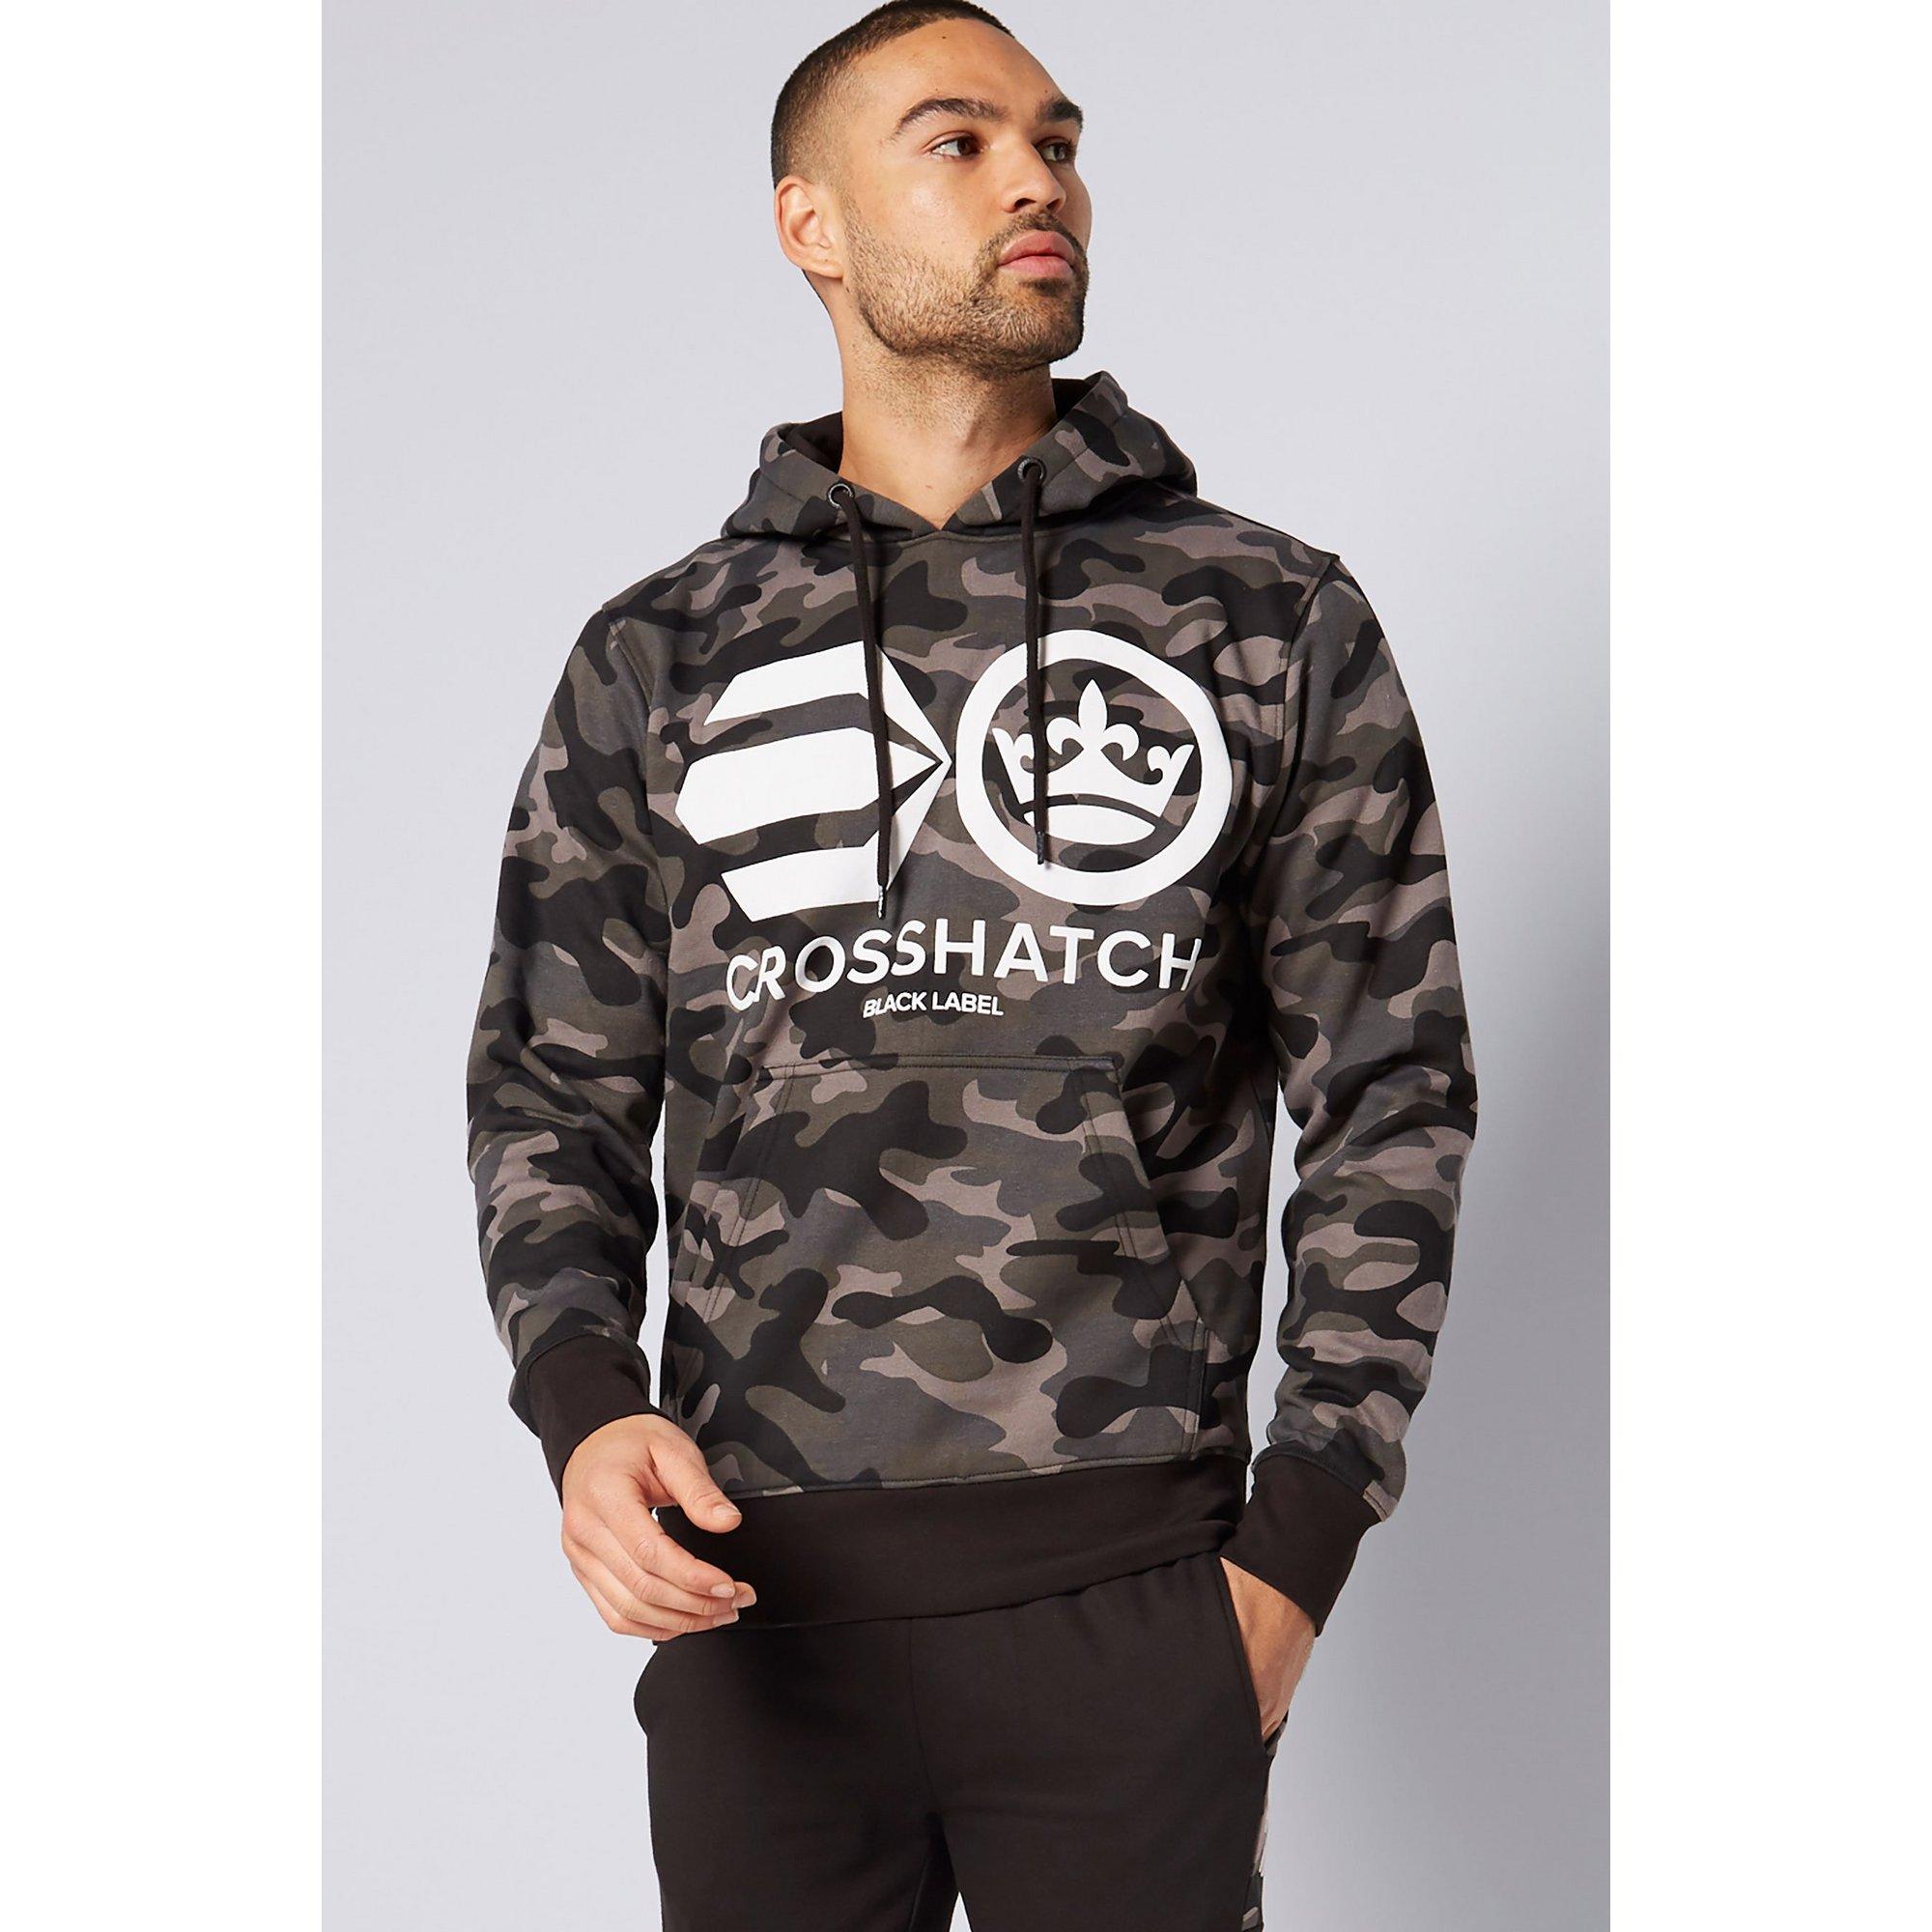 Image of Crosshatch Black Camo Hoody